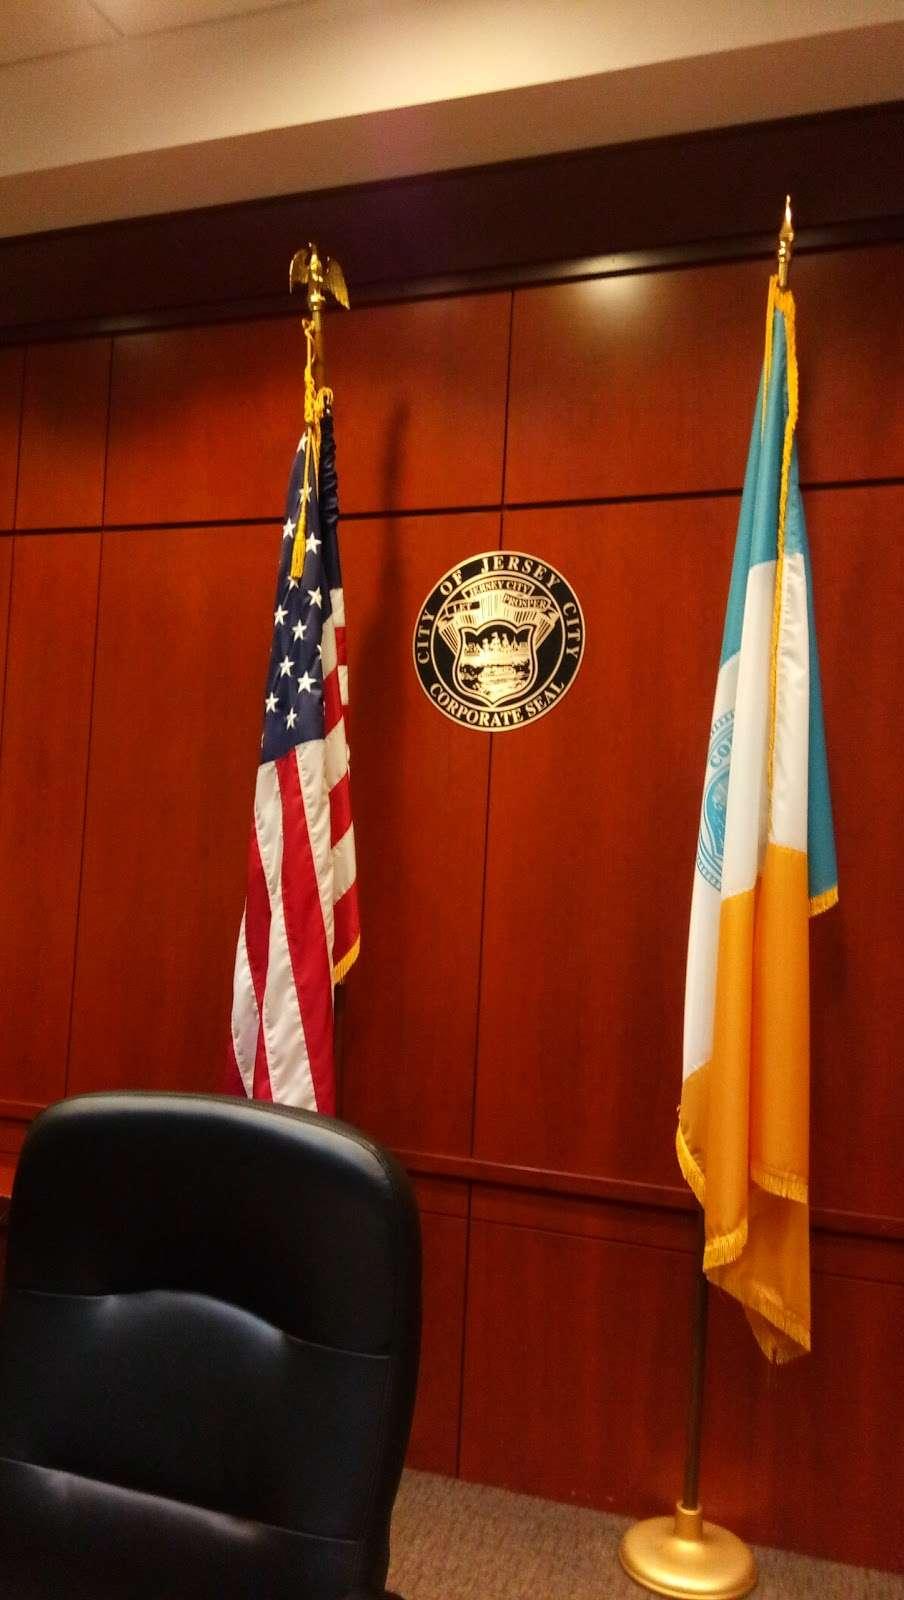 Jersey City Municipal Court - courthouse  | Photo 6 of 10 | Address: 365 Summit Ave, Jersey City, NJ 07306, USA | Phone: (201) 209-6700